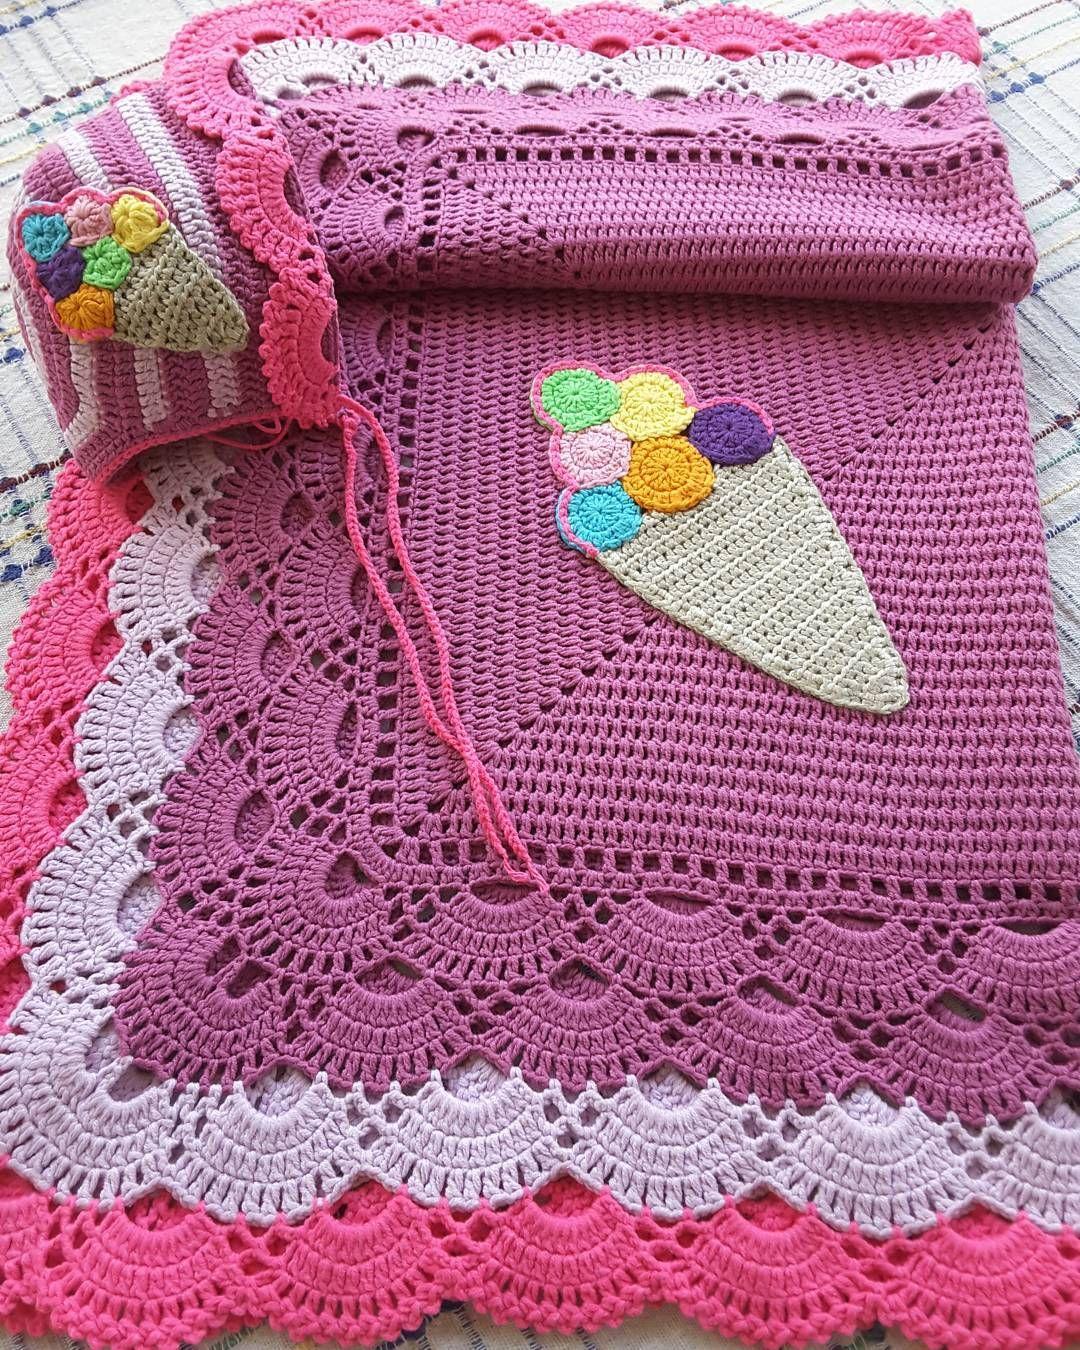 Pin von Jon Kurtsmajlaj auf crochet | Pinterest | Häkeln